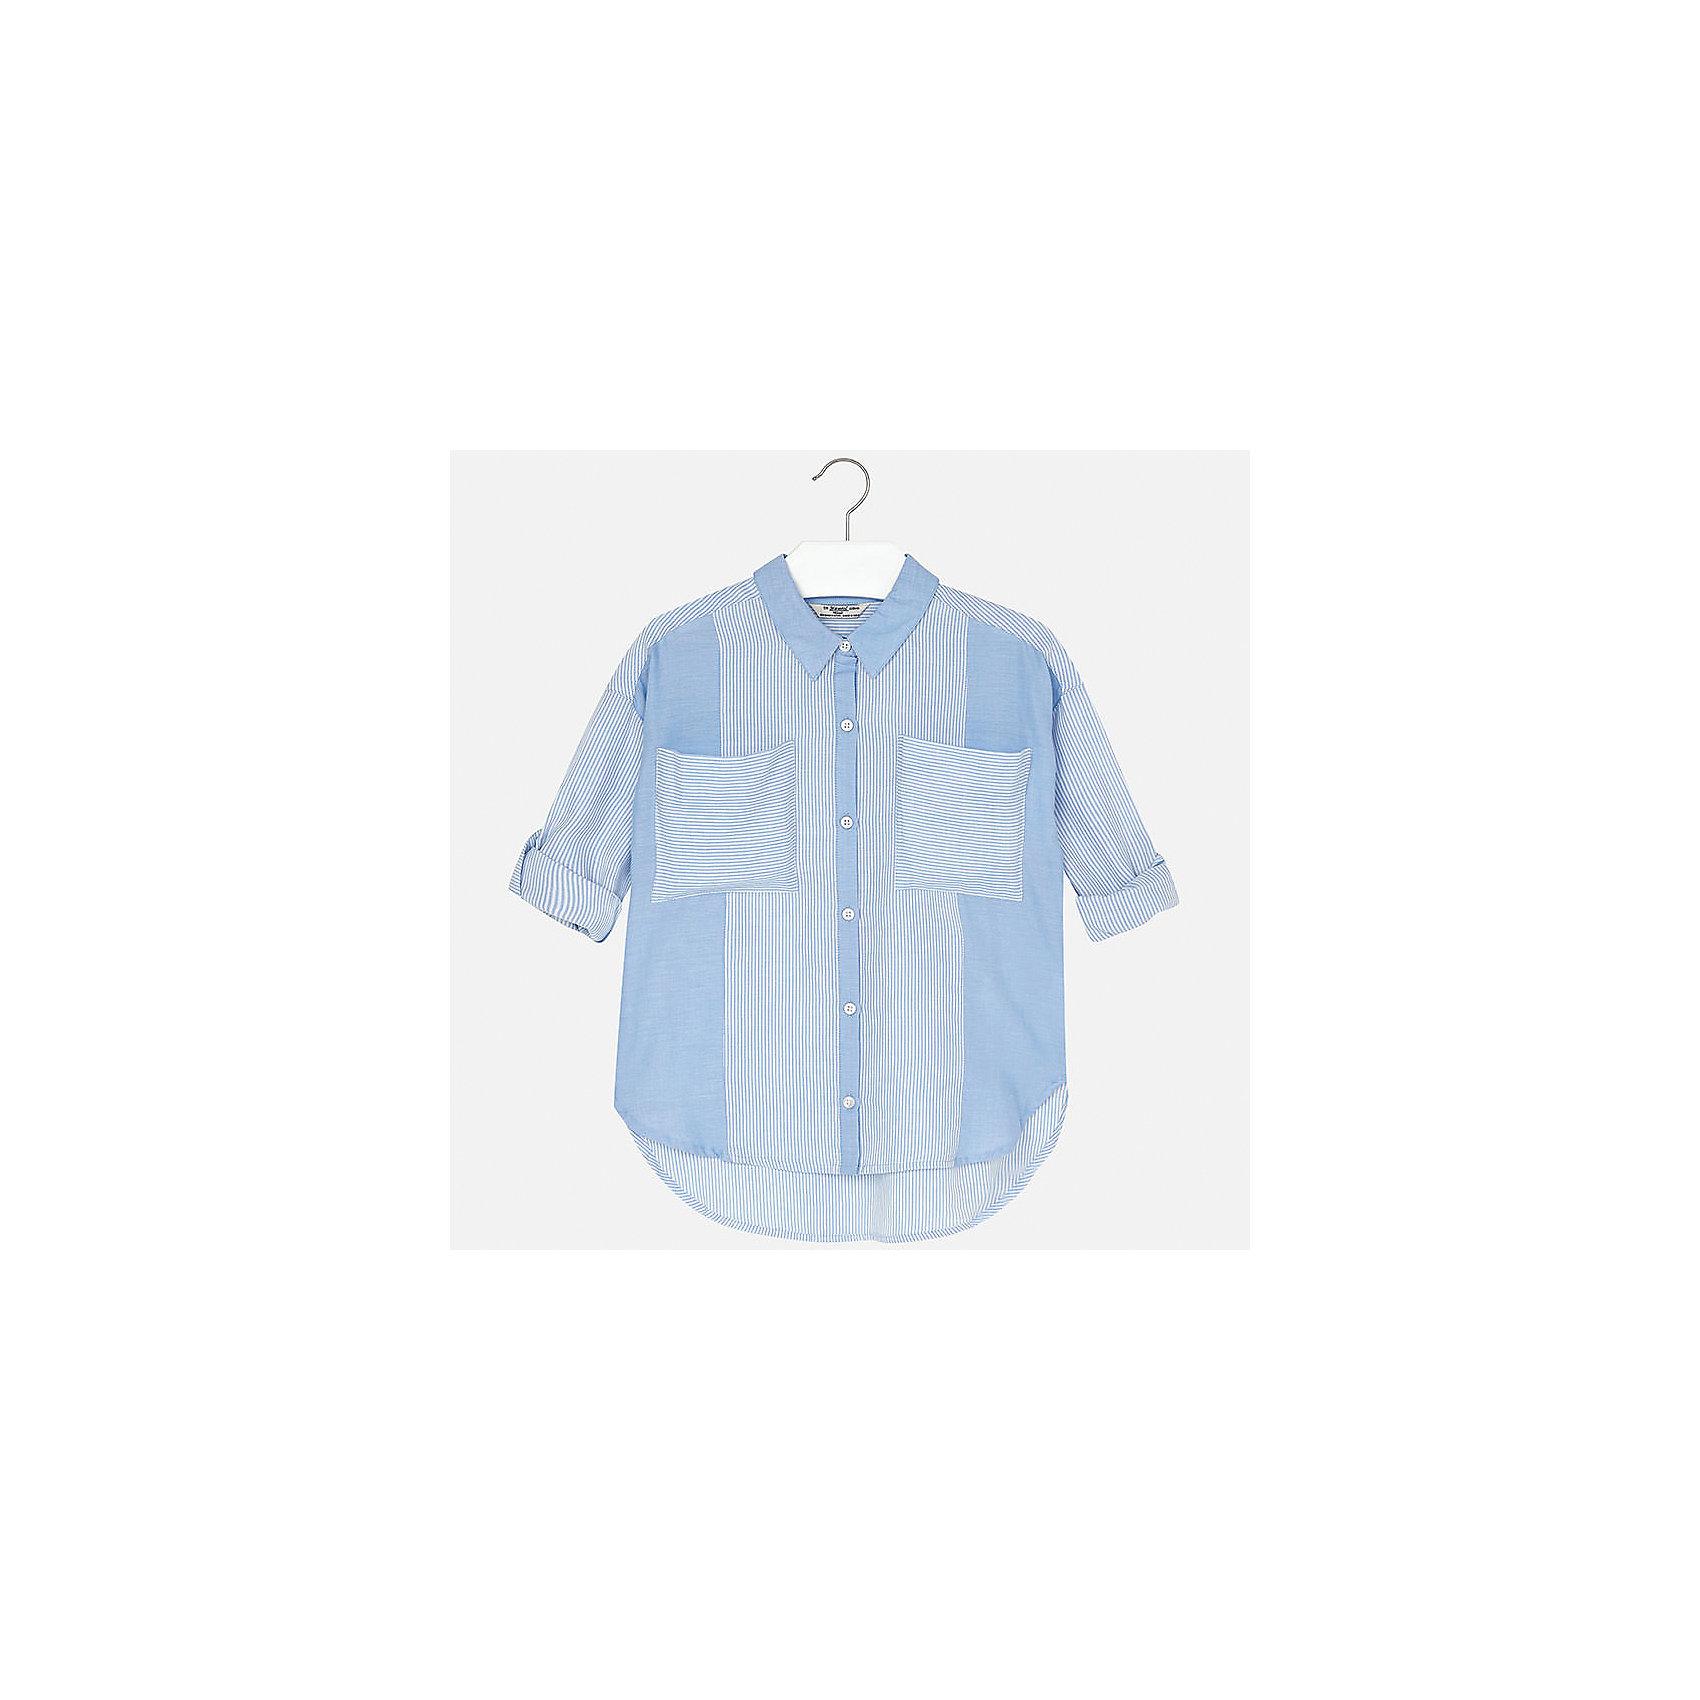 Блузка для девочки MayoralБлузки и рубашки<br>Характеристики товара:<br><br>• цвет: голубой<br>• состав: 100% хлопок<br>• легкий материал<br>• пуговицы<br>• карманы<br>• отложной воротник<br>• рукава с отворотами<br>• страна бренда: Испания<br><br>Модная легкая блузка для девочки поможет разнообразить гардероб ребенка и украсить наряд. Она отлично сочетается и с юбками, и с шортами, и с брюками. Универсальный цвет позволяет подобрать к вещи низ практически любой расцветки. Интересный крой модели делает её нарядной и оригинальной. В составе материала - натуральный хлопок, гипоаллергенный, приятный на ощупь, дышащий.<br><br>Одежда, обувь и аксессуары от испанского бренда Mayoral полюбились детям и взрослым по всему миру. Модели этой марки - стильные и удобные. Для их производства используются только безопасные, качественные материалы и фурнитура. Порадуйте ребенка модными и красивыми вещами от Mayoral! <br><br>Блузку для девочки от испанского бренда Mayoral (Майорал) можно купить в нашем интернет-магазине.<br><br>Ширина мм: 186<br>Глубина мм: 87<br>Высота мм: 198<br>Вес г: 197<br>Цвет: голубой<br>Возраст от месяцев: 84<br>Возраст до месяцев: 96<br>Пол: Женский<br>Возраст: Детский<br>Размер: 128/134,152,158,164,170,140<br>SKU: 5292631